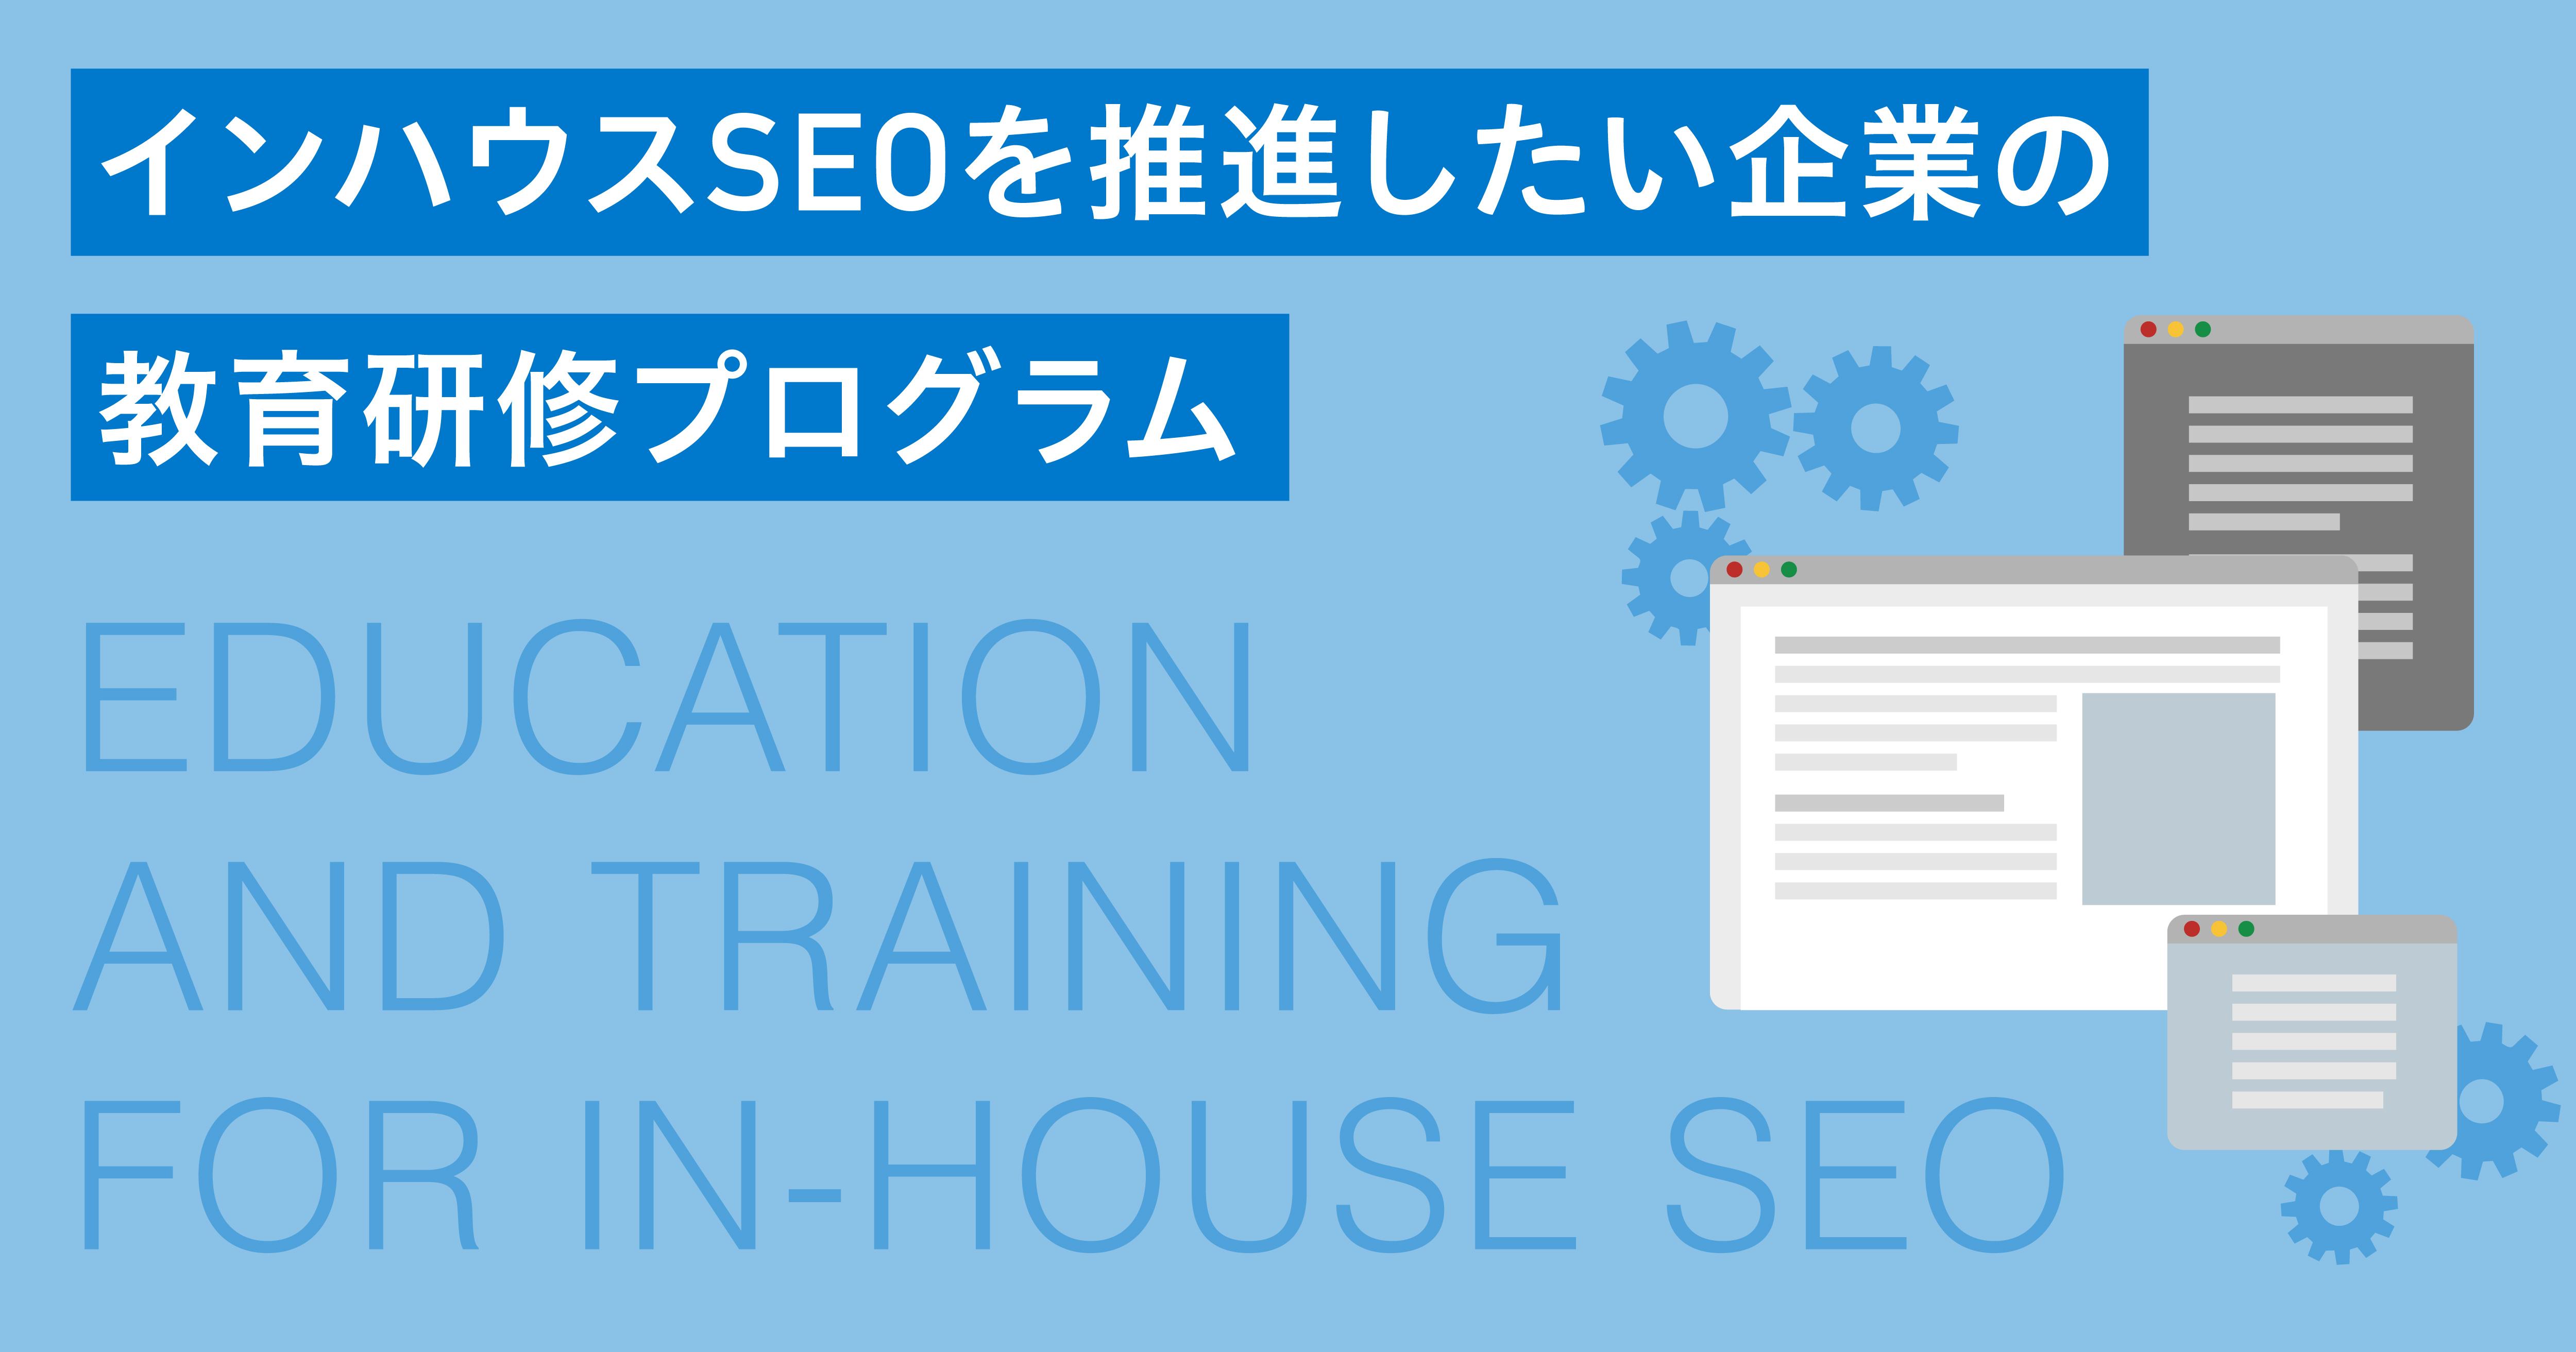 インハウスSEOを支援するためのSEO研修プログラムを開始 ~クライアント企業SEO担当者強化プロジェクト始動~